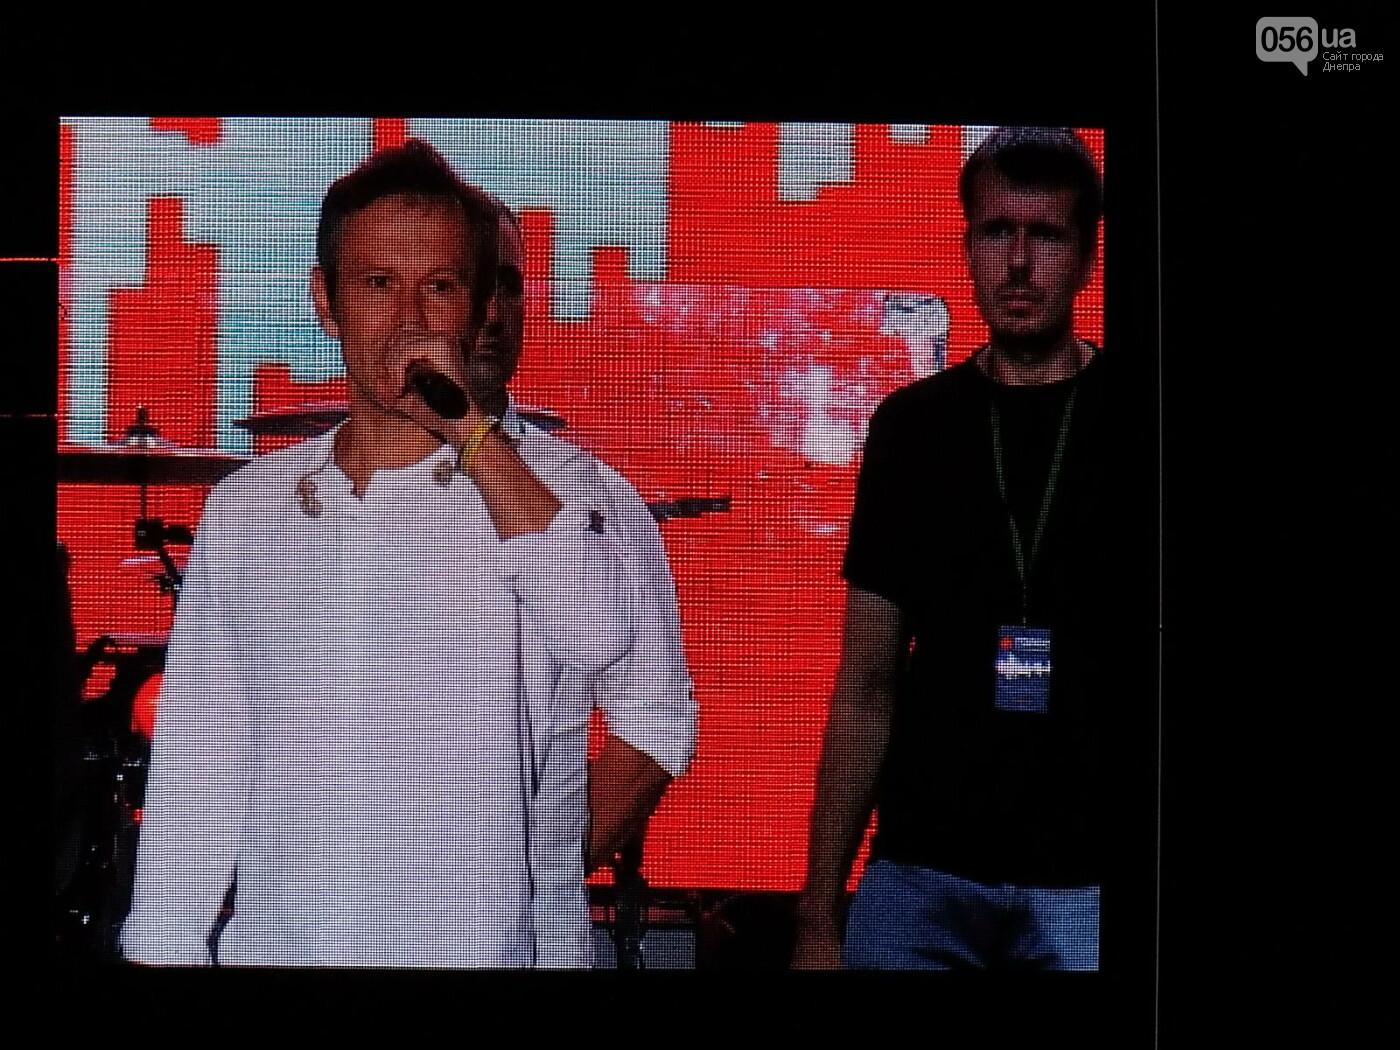 В Днепре прошел концерт группы Океан Эльзы: как это было, - ФОТО, фото-15